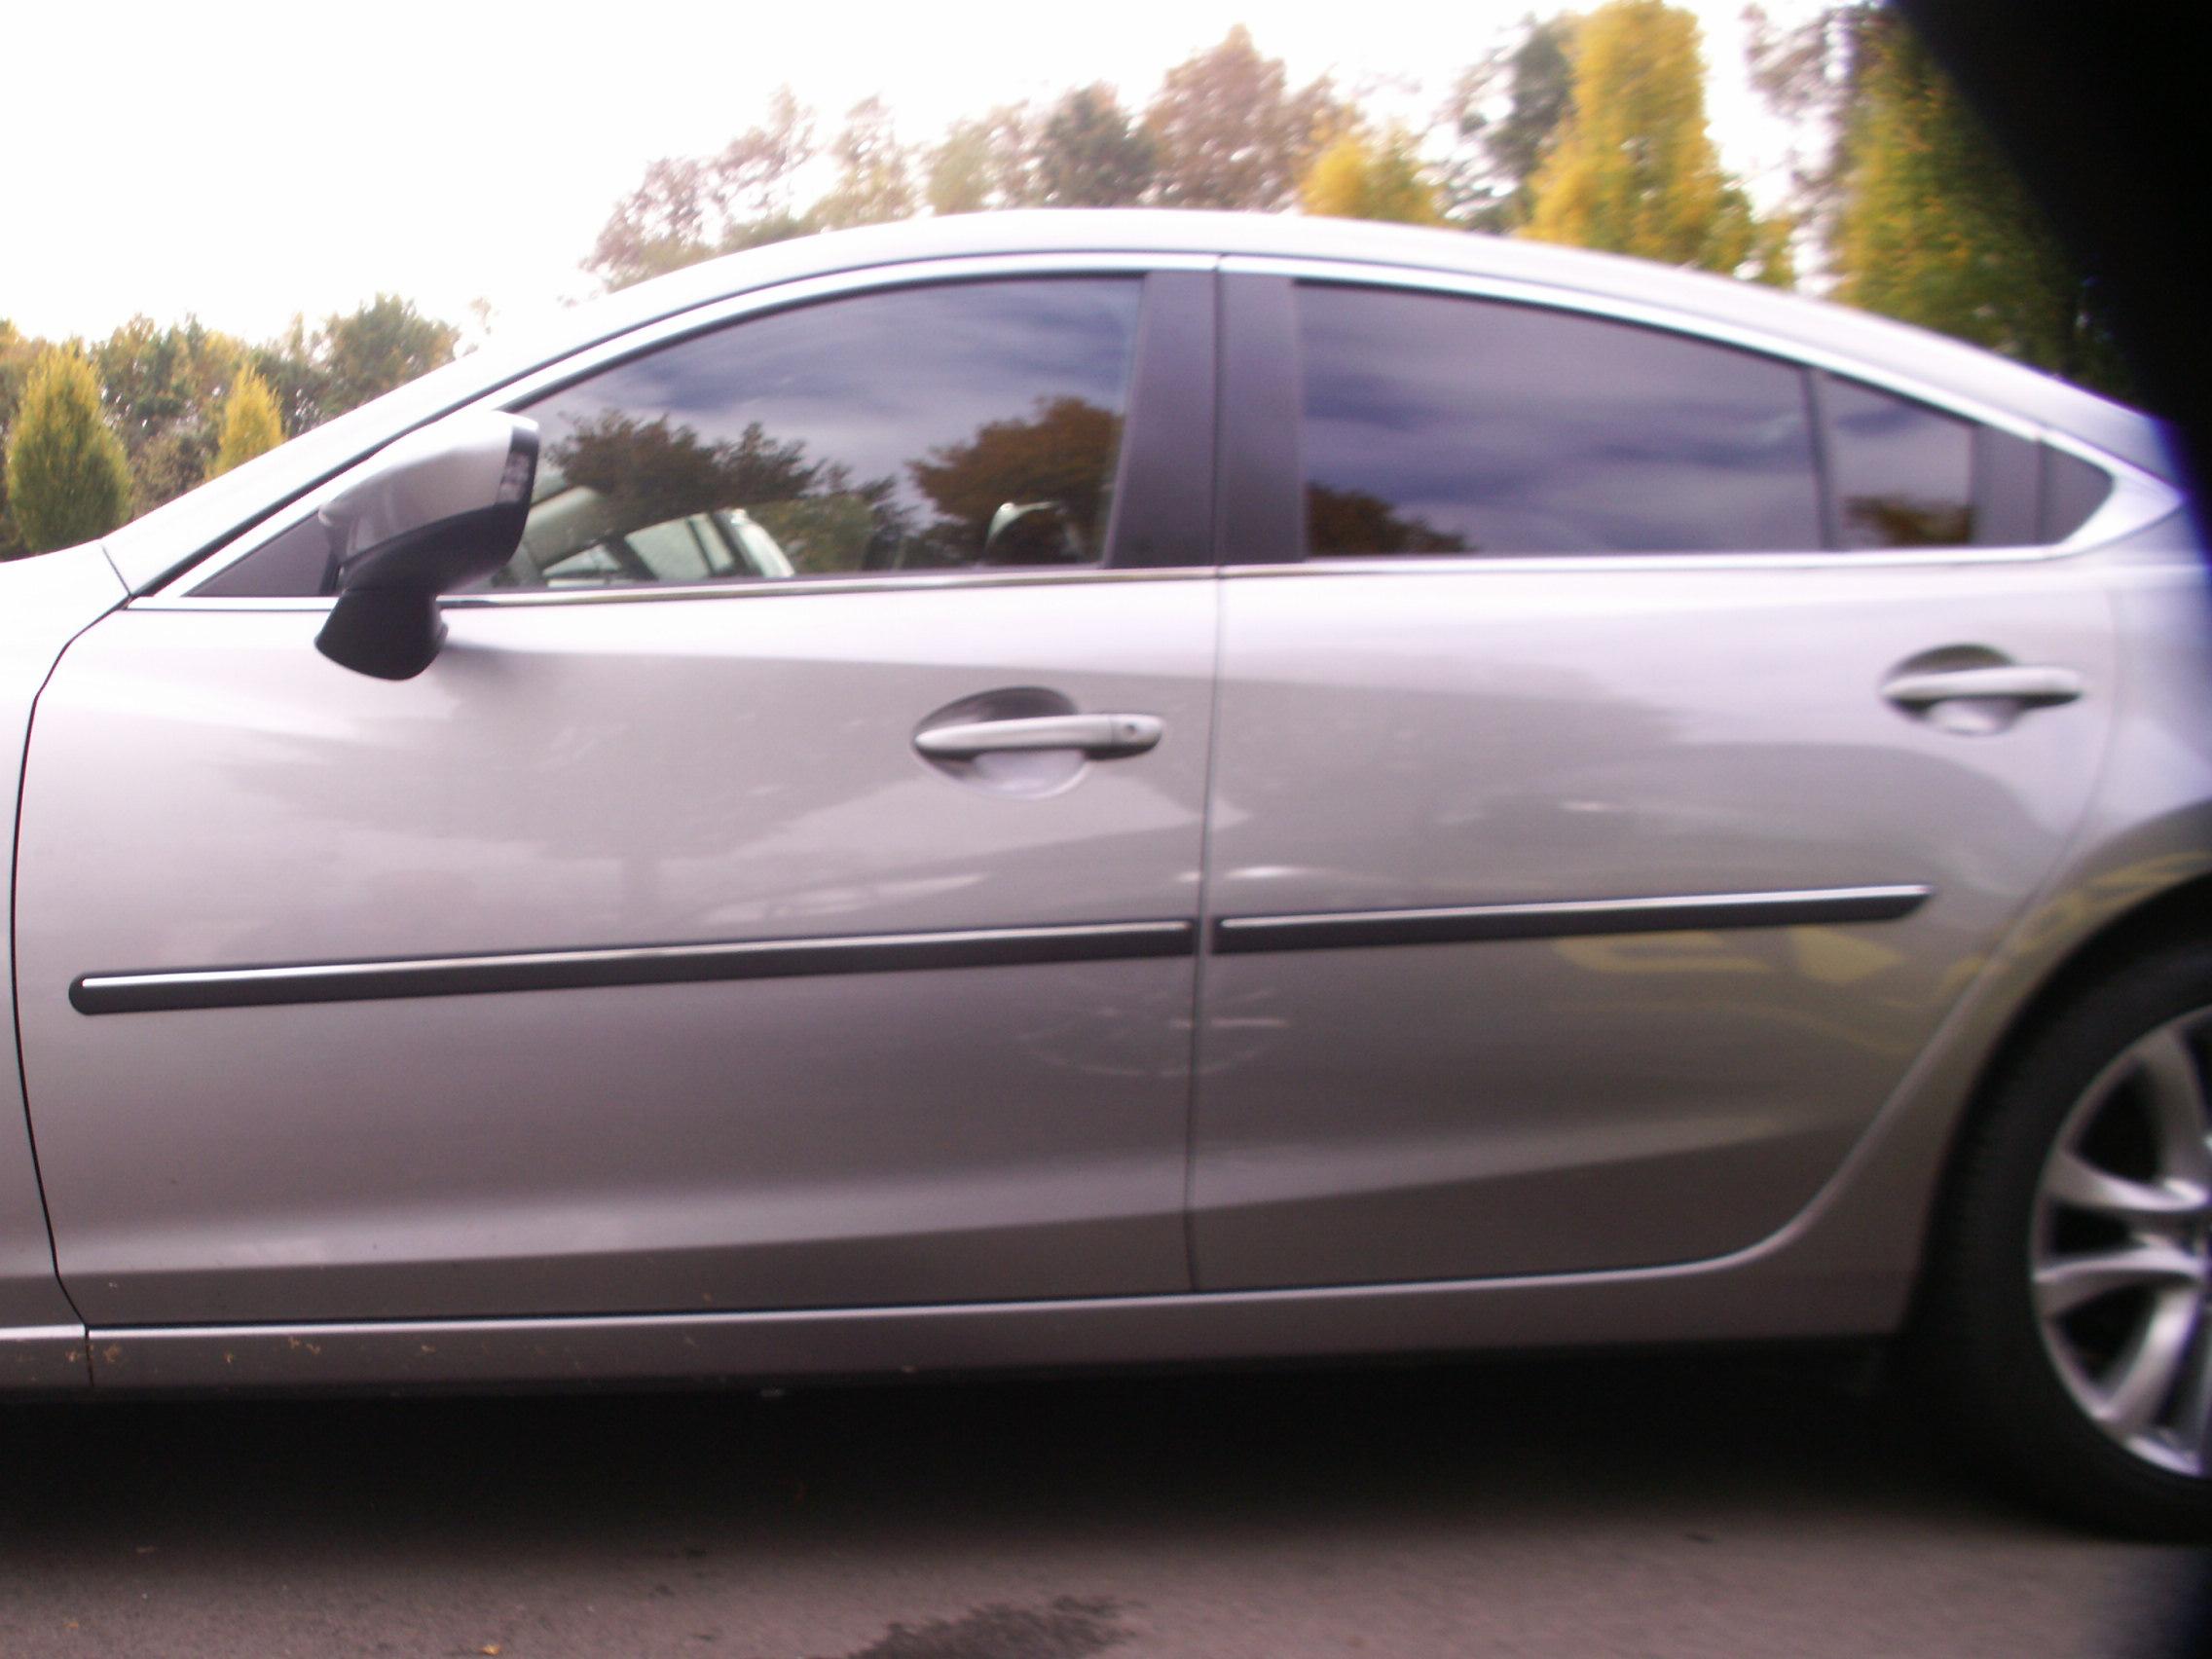 FENDER - Mazda 6 Limousine 2013 - A-MA 40 R2 0084